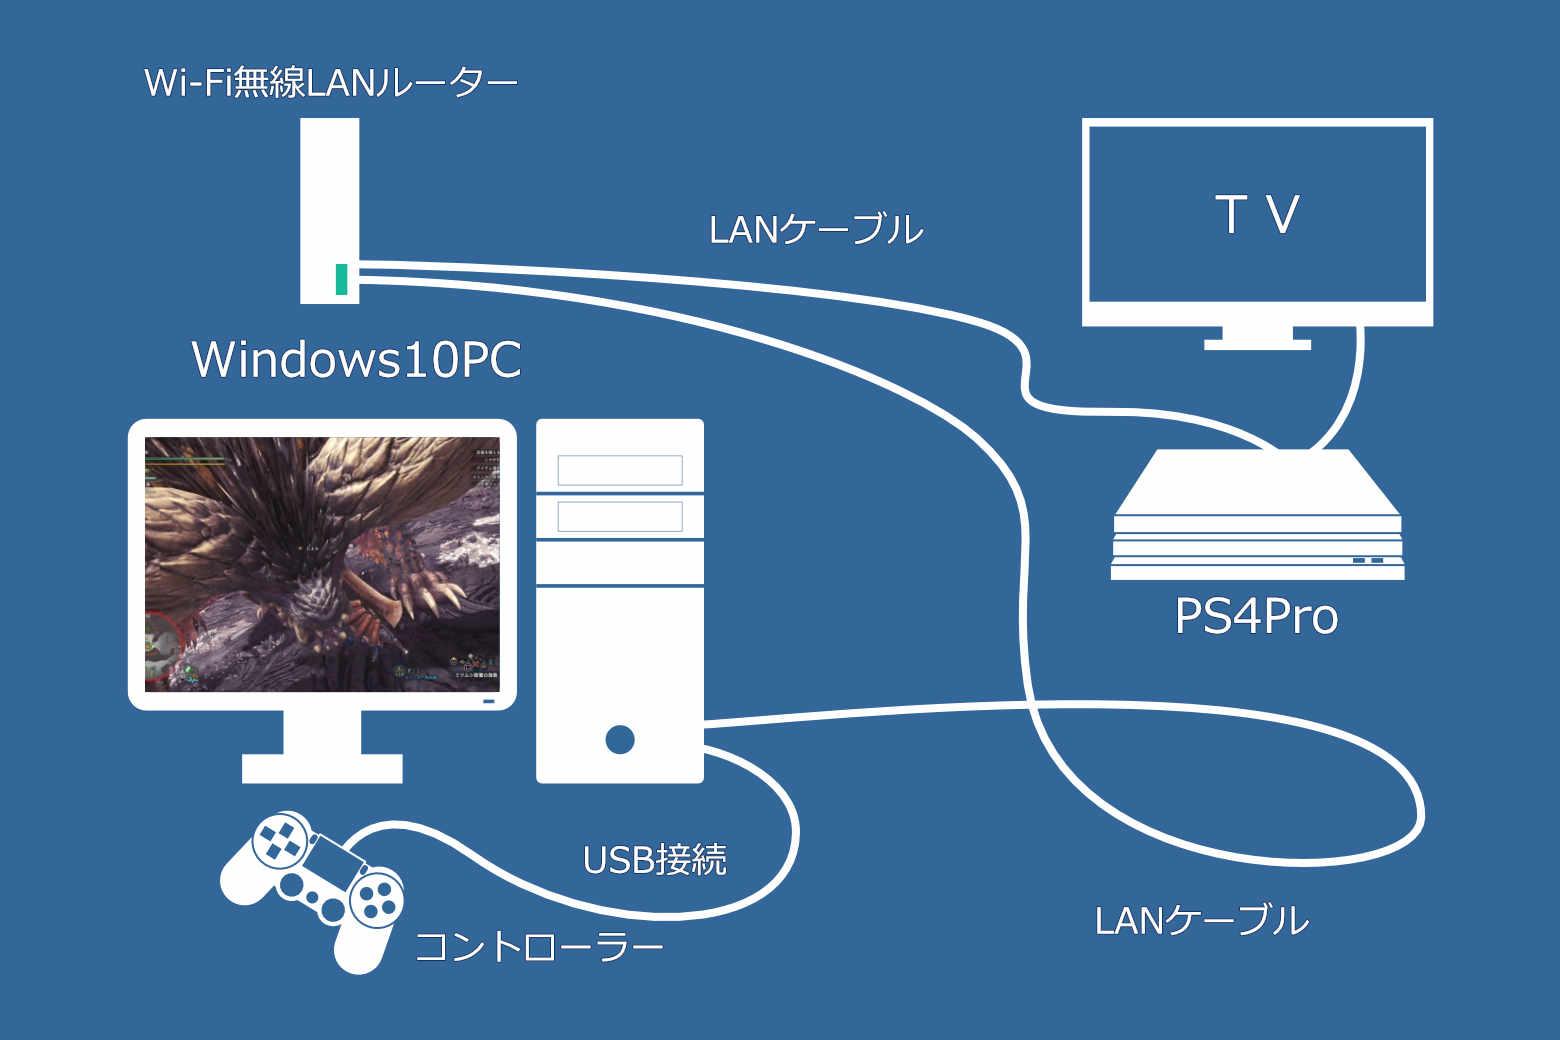 Windows10とPS4Proのリモートプレイ